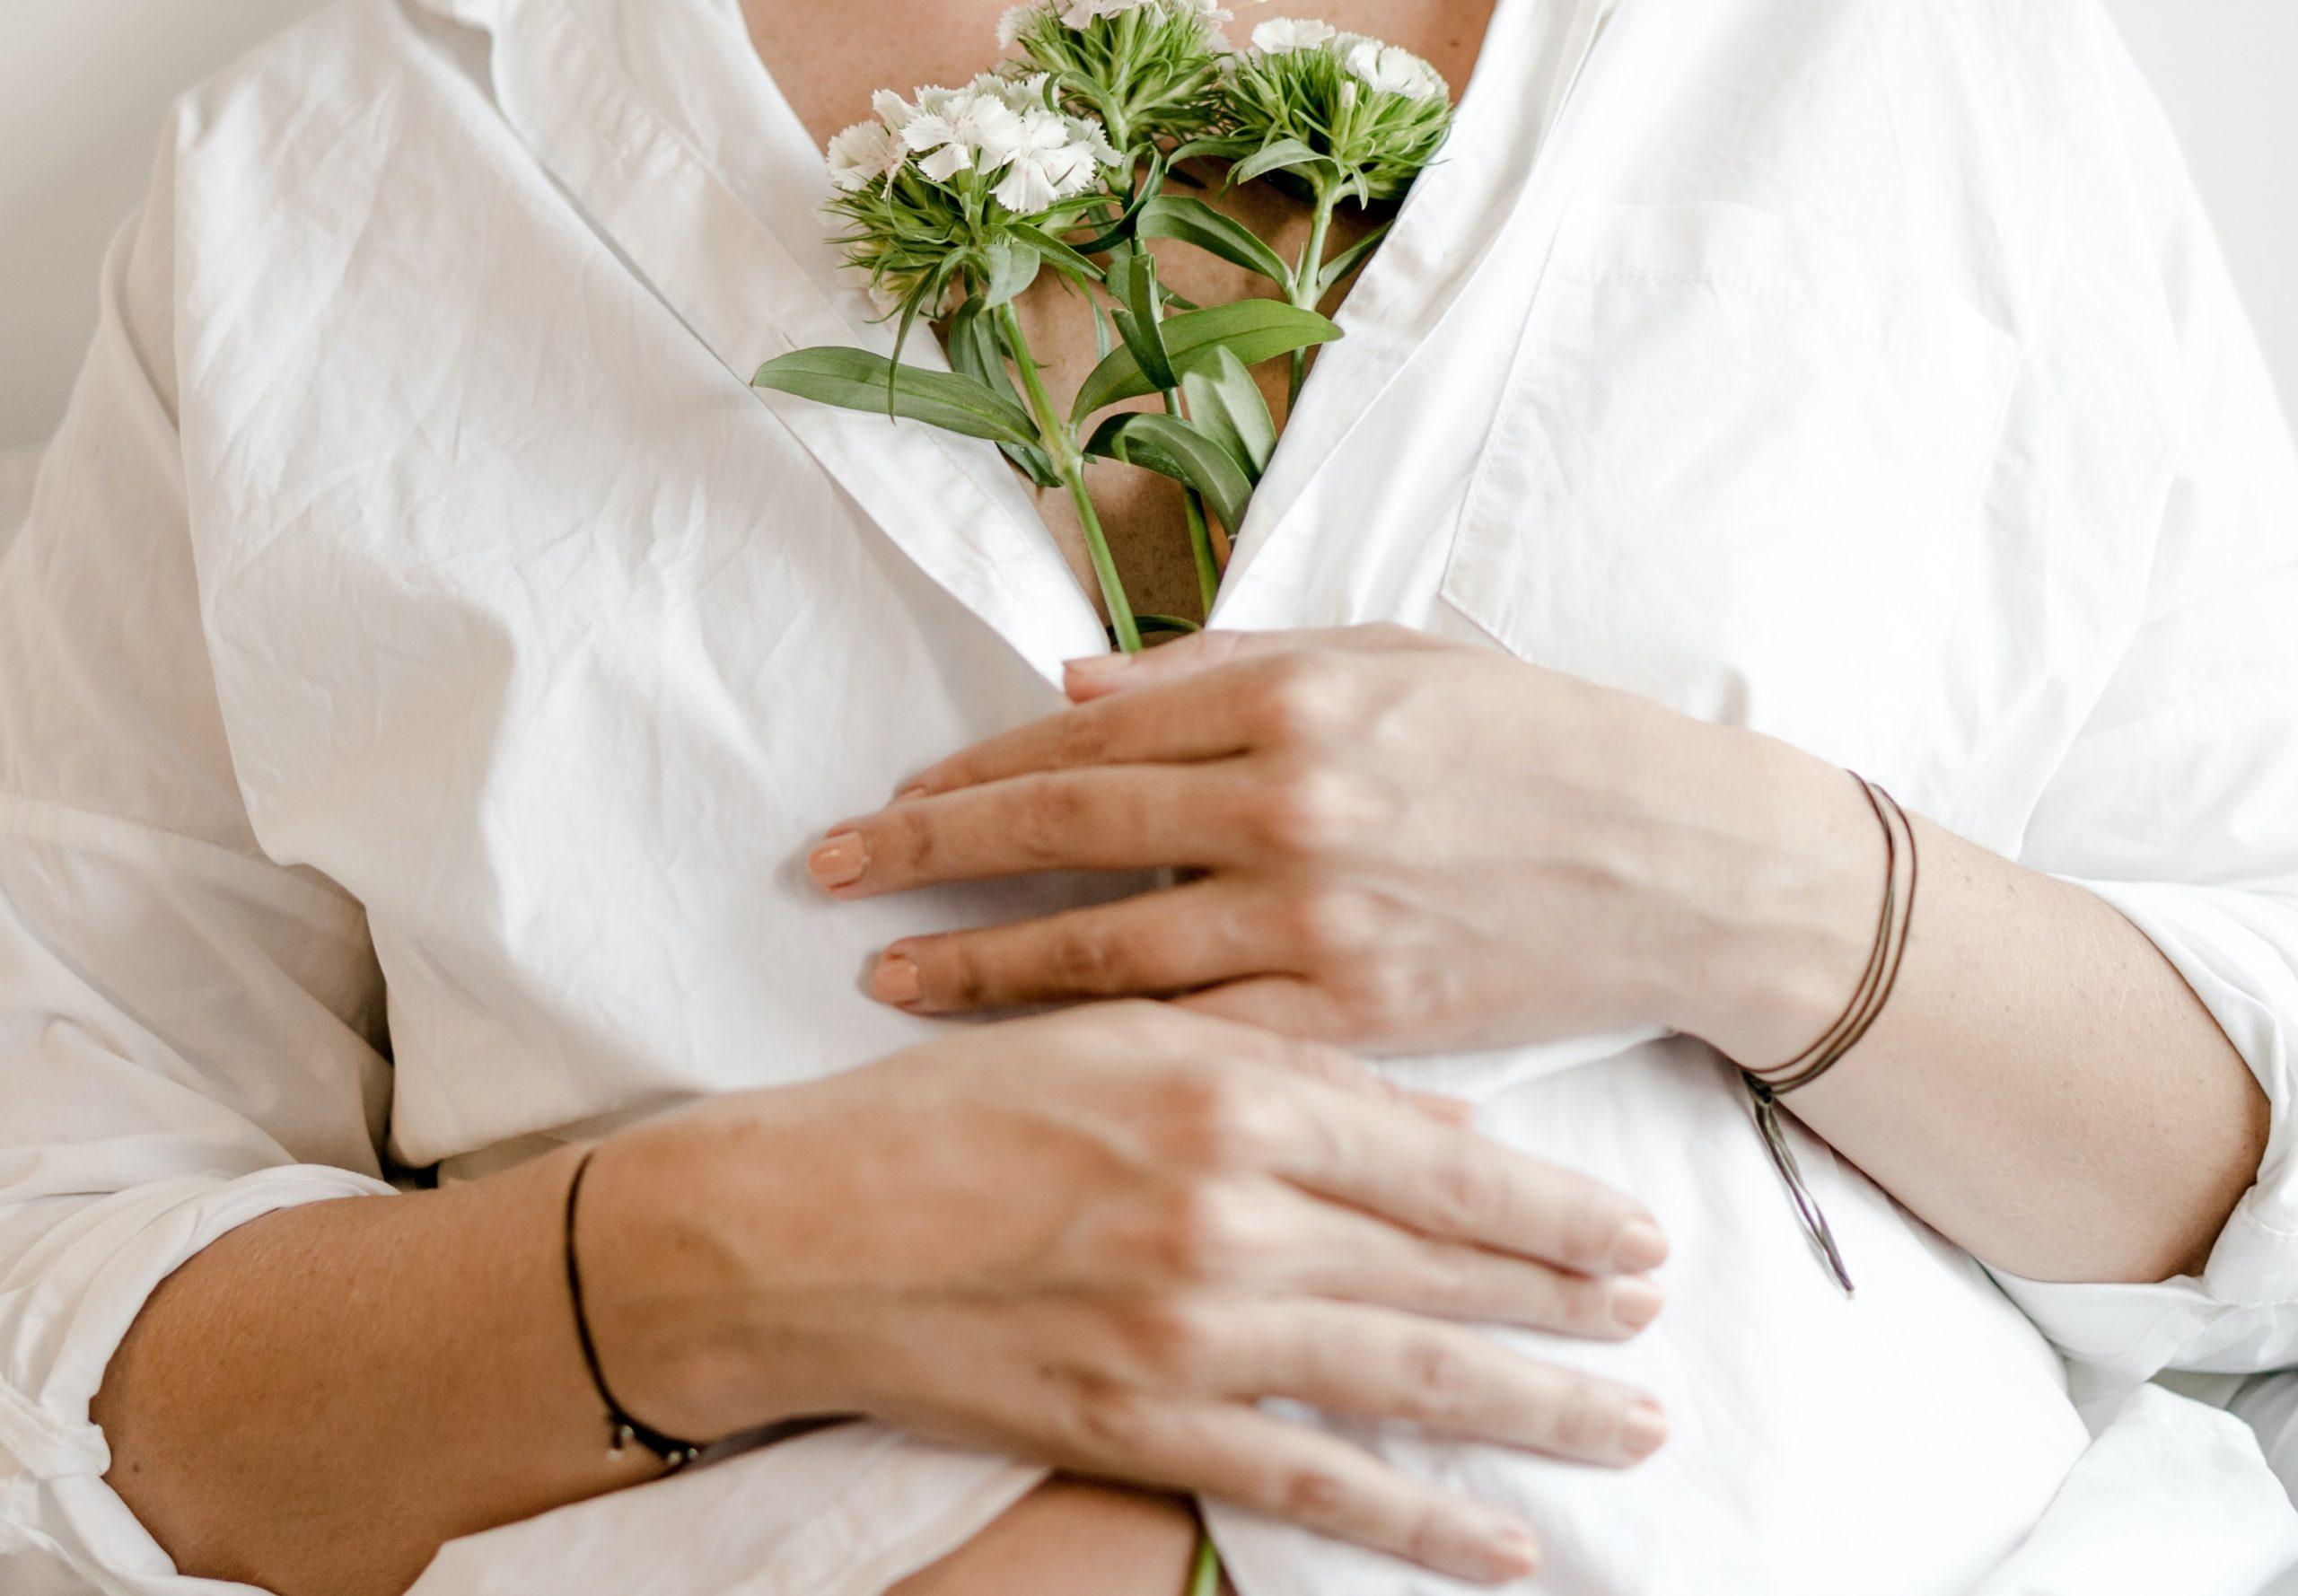 Как влияет вакцинация на репродуктивную функцию?